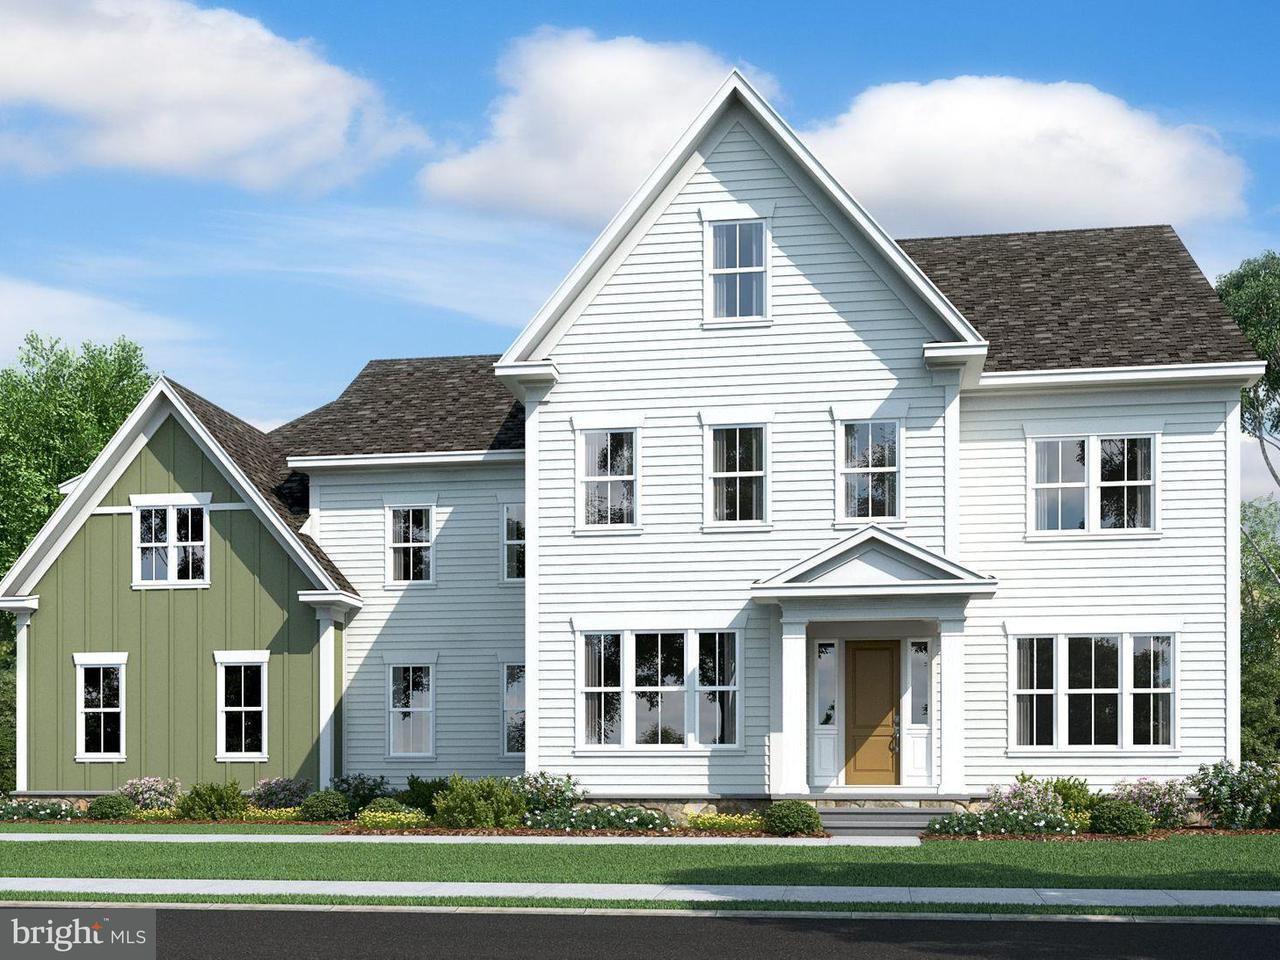 Μονοκατοικία για την Πώληση στο Maple Knoll Dr #Durham Maple Knoll Dr #Durham Laytonsville, Μεριλαντ 20882 Ηνωμενεσ Πολιτειεσ